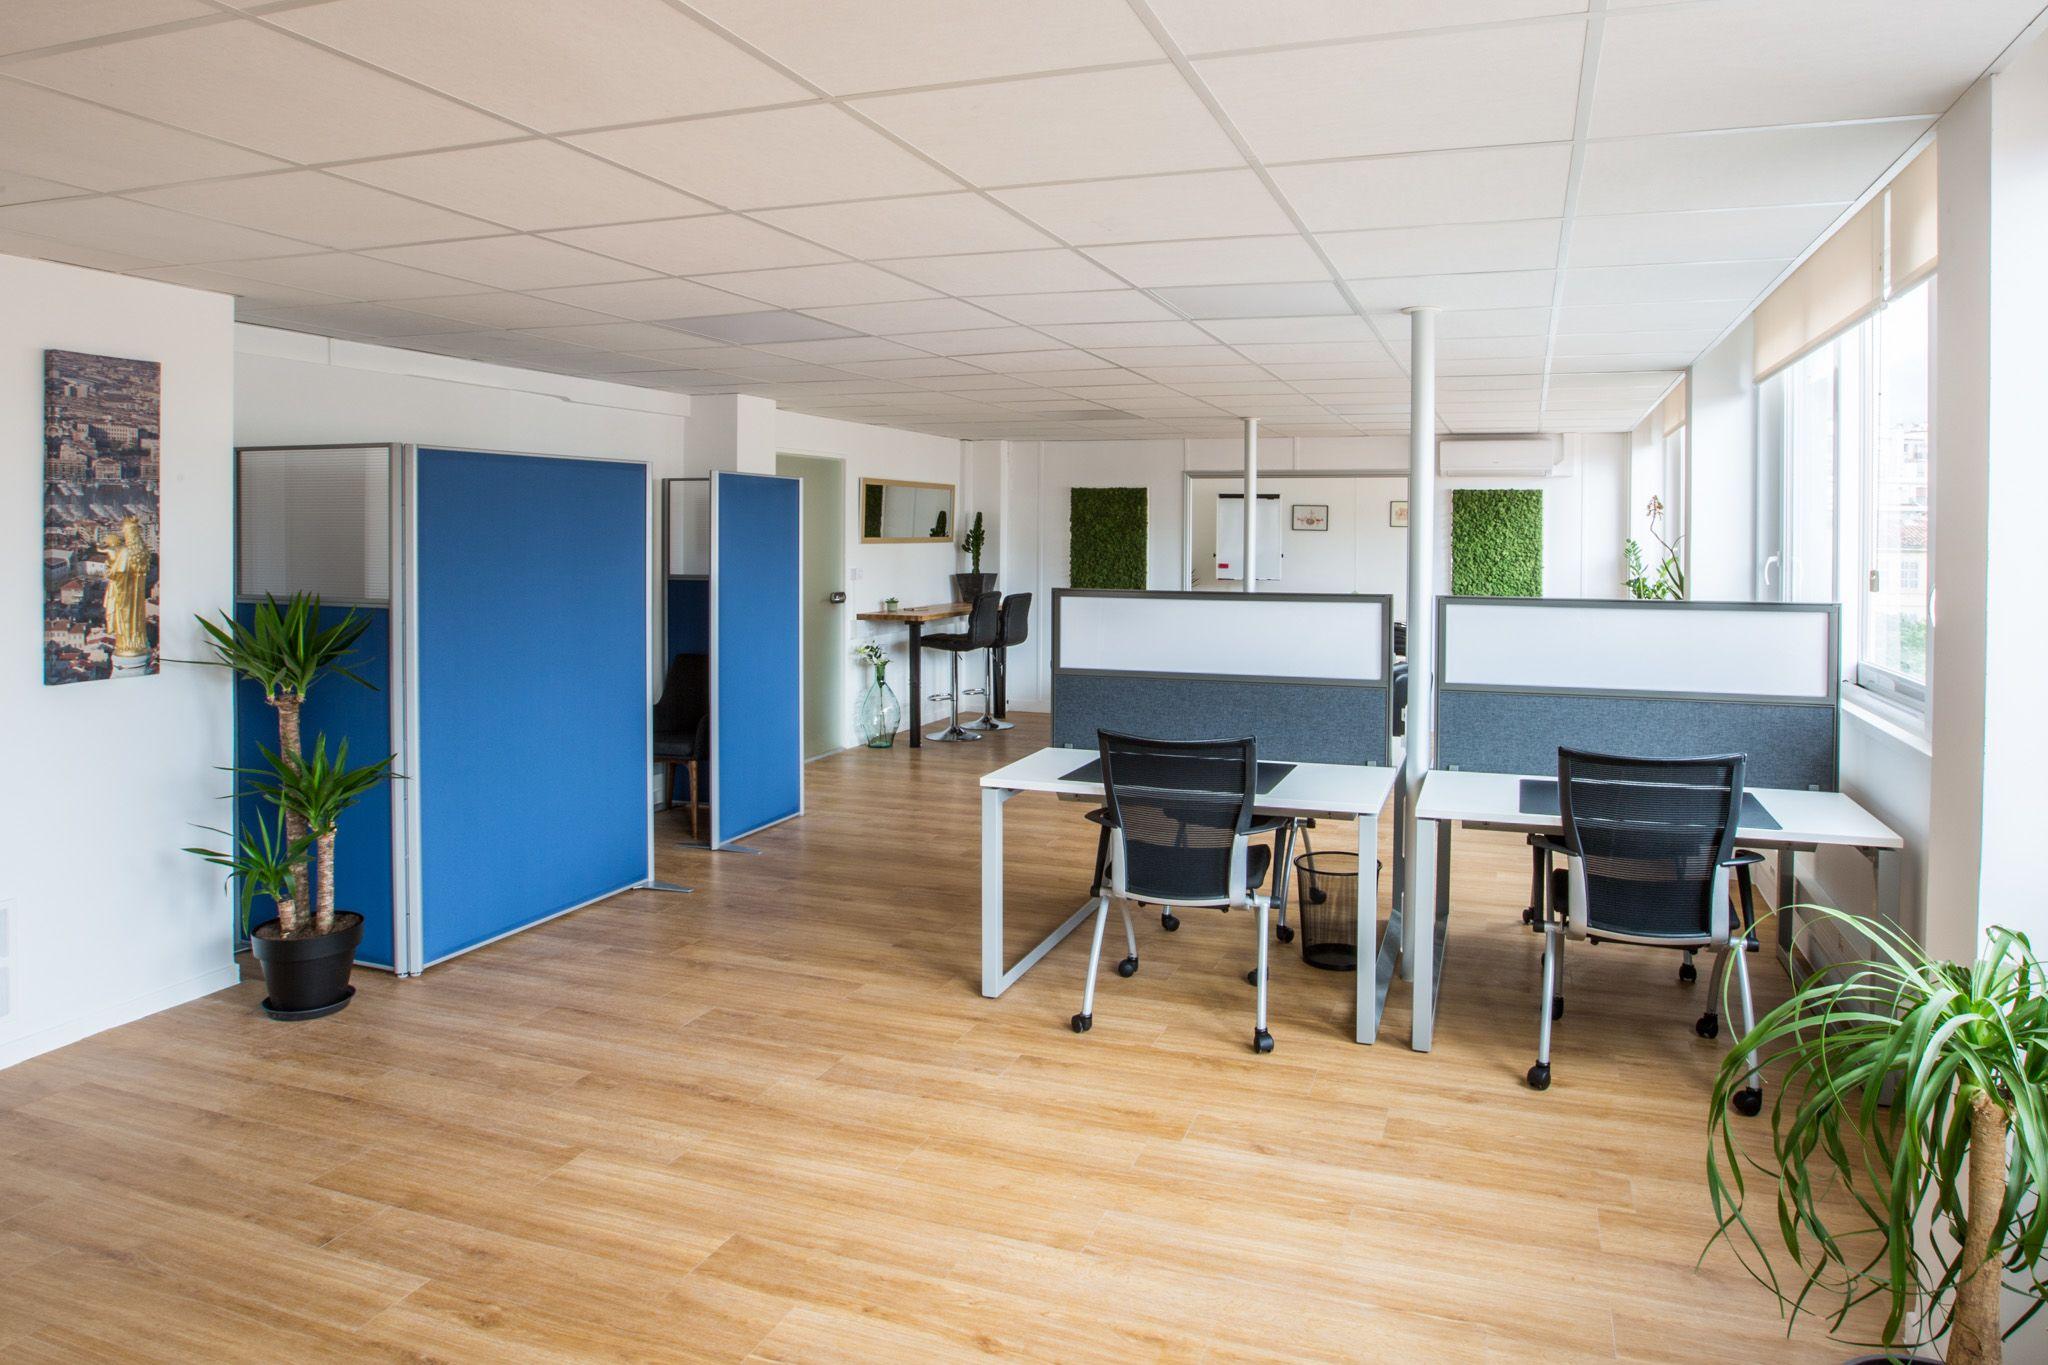 espace partagé d'une capacité de 2 personnes à Marseille